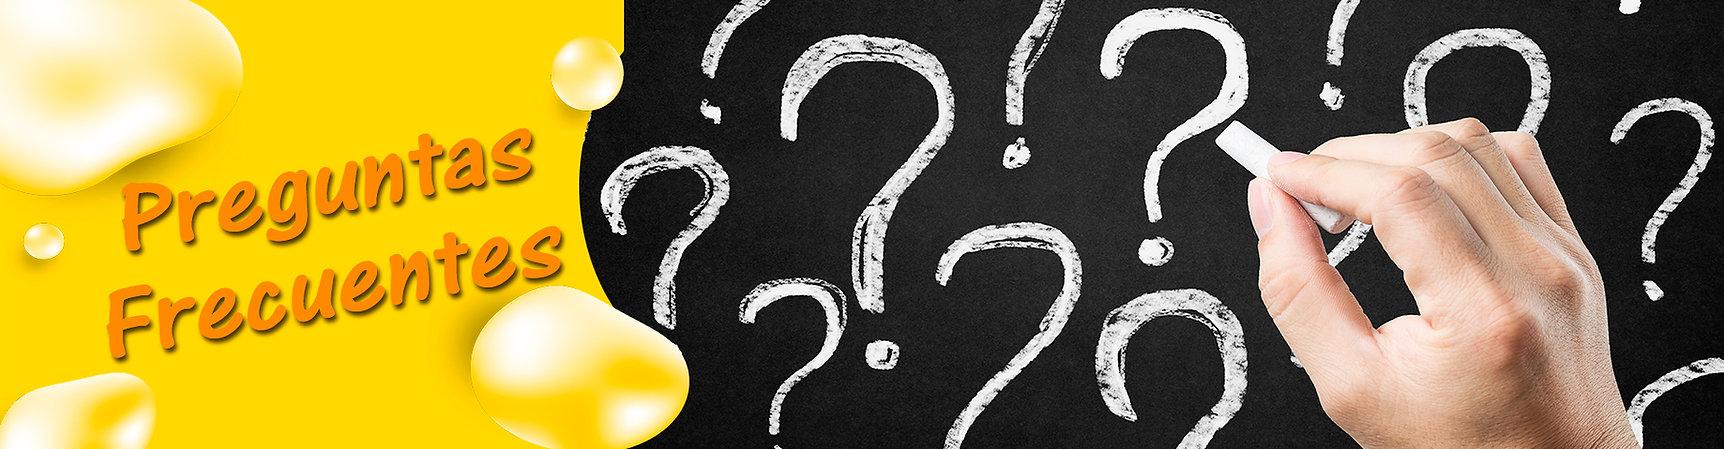 Preguntas Frecuentes.jpg